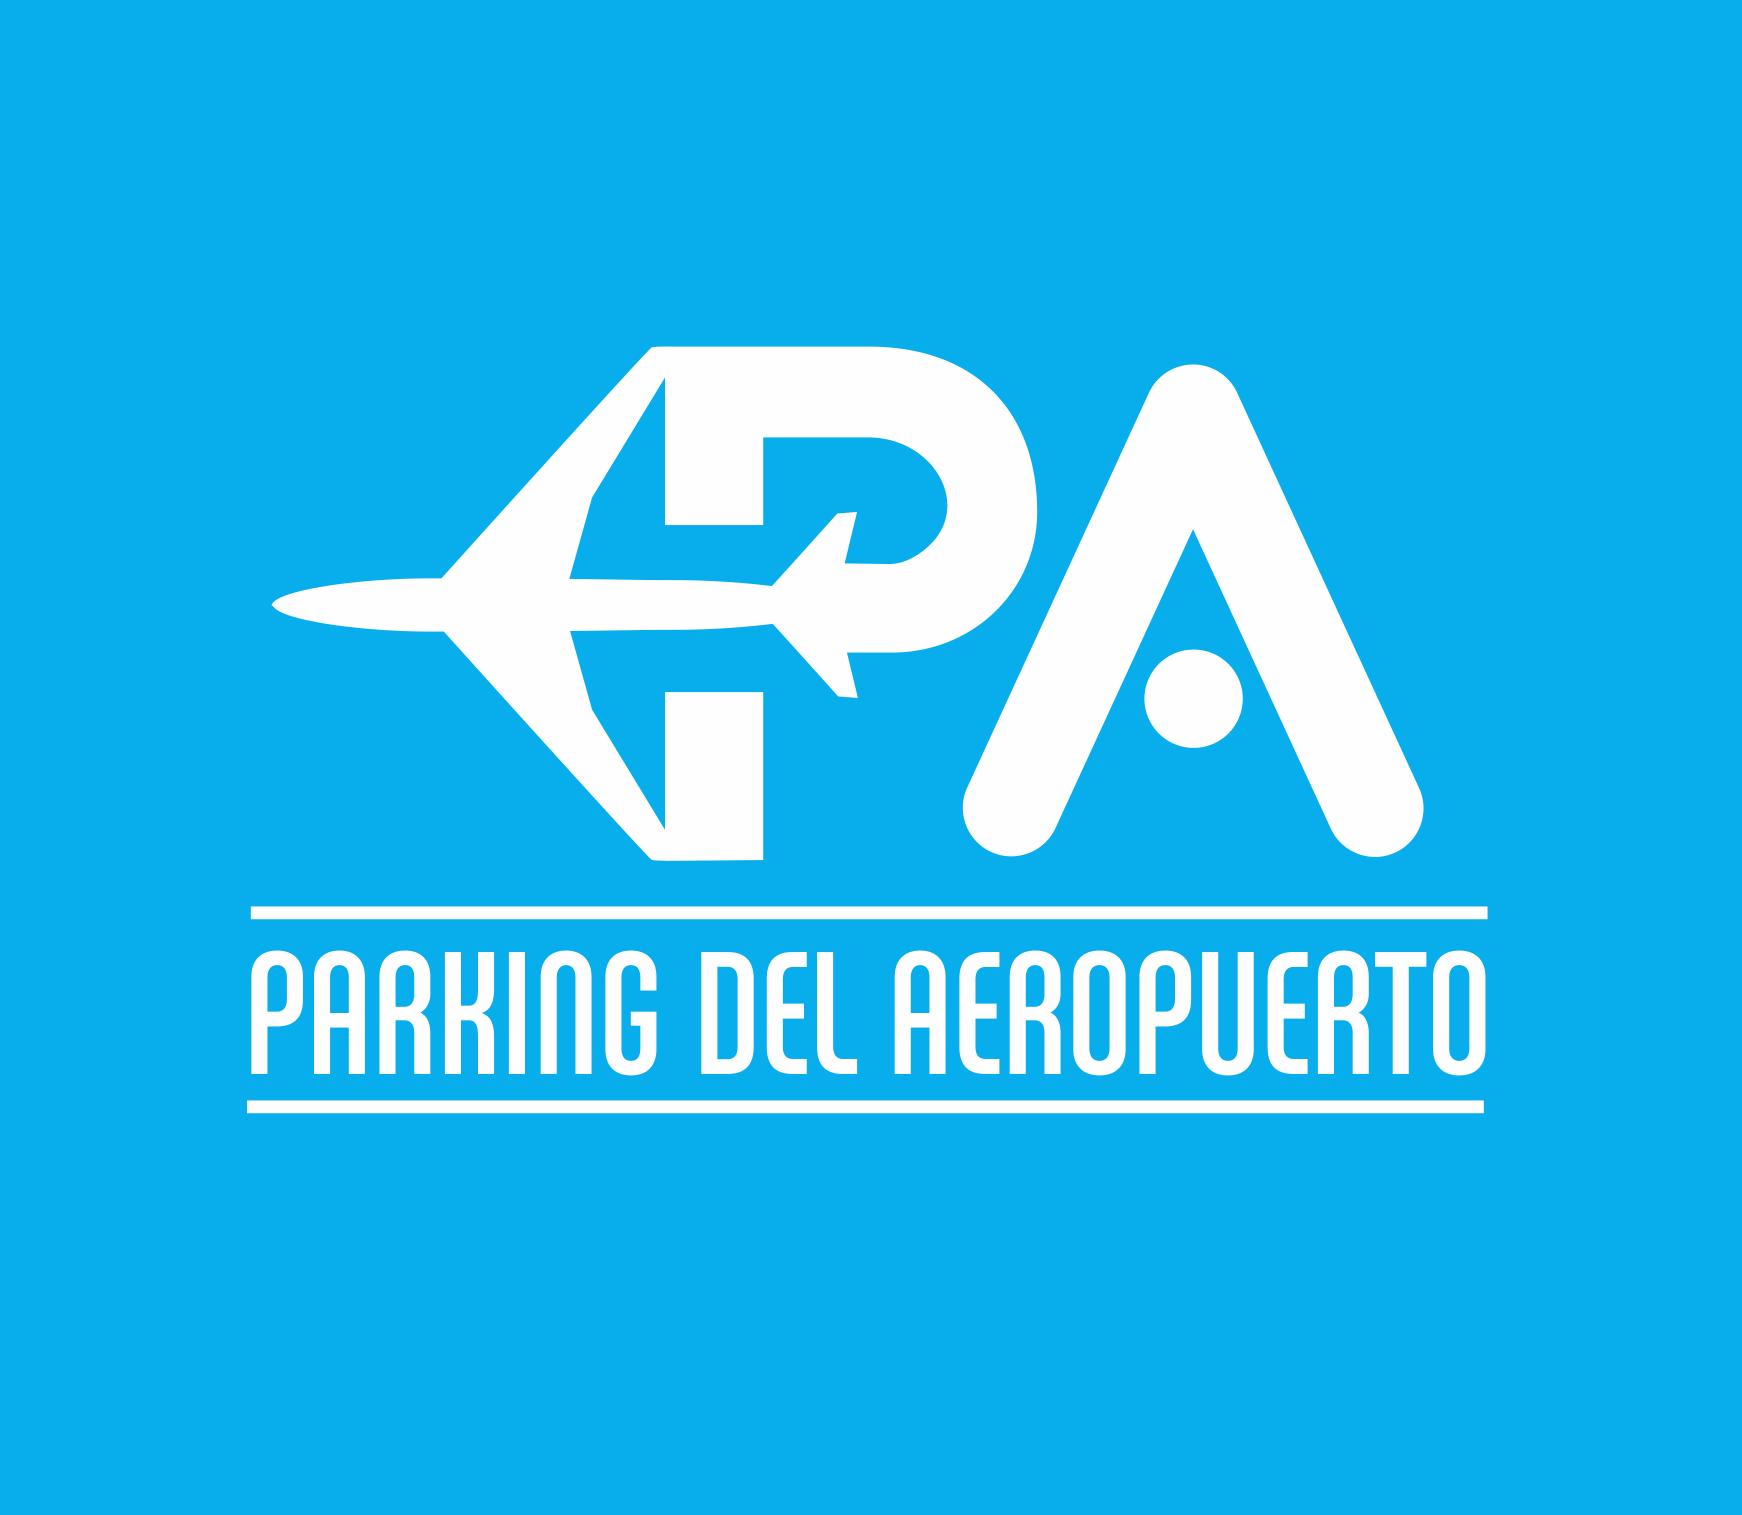 Parking del Aeropuerto (Paga online)